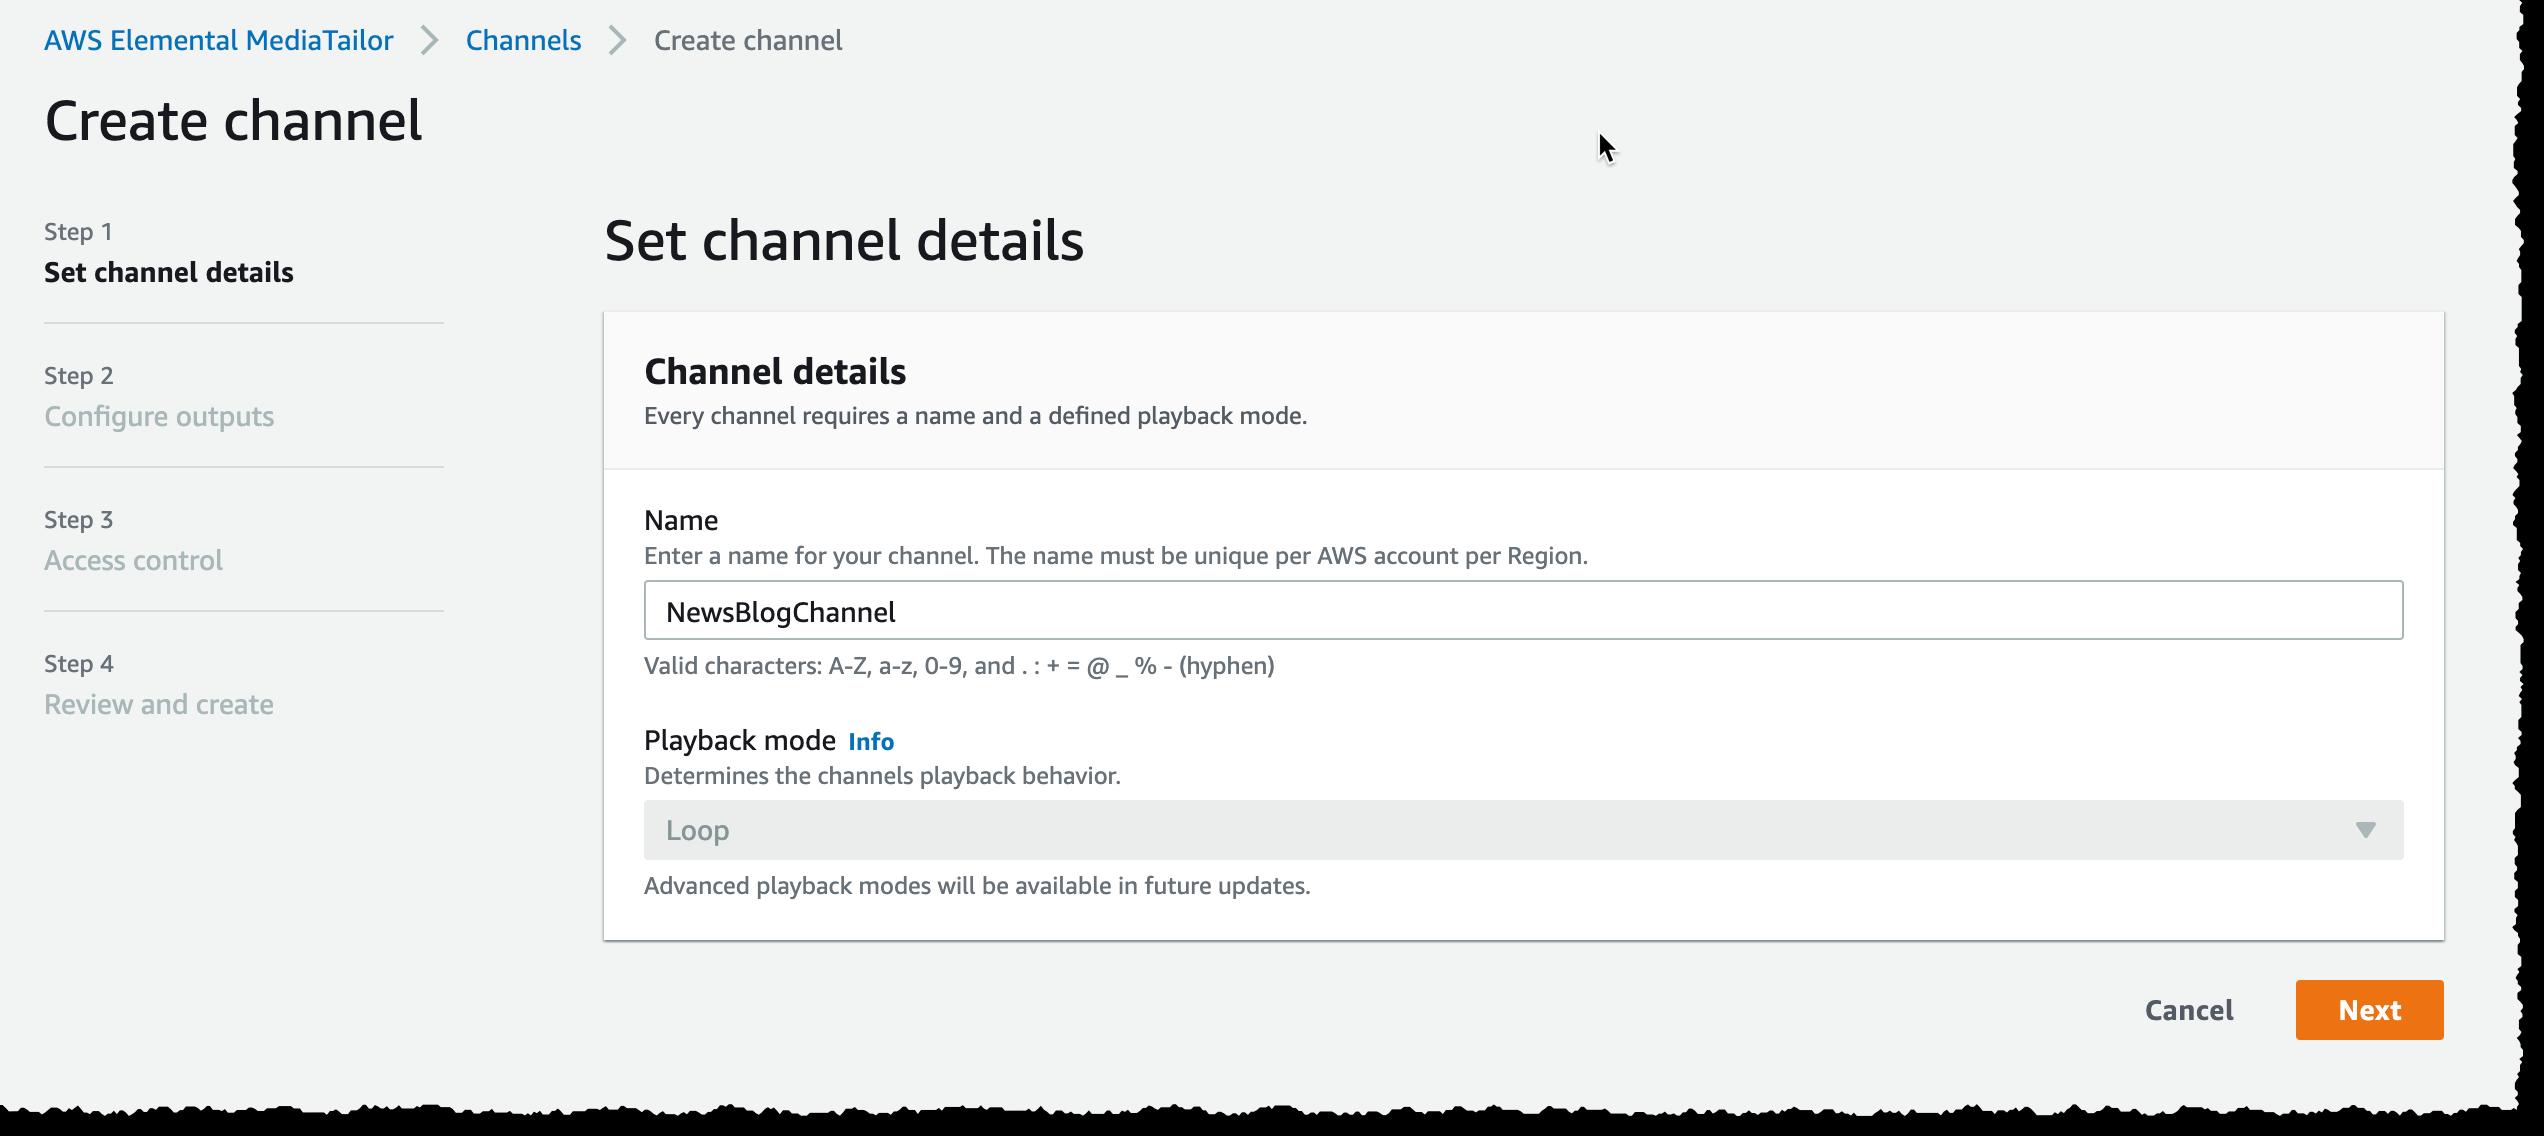 MediaTailor Channel Assembly – チャネルの作成ステップ 1